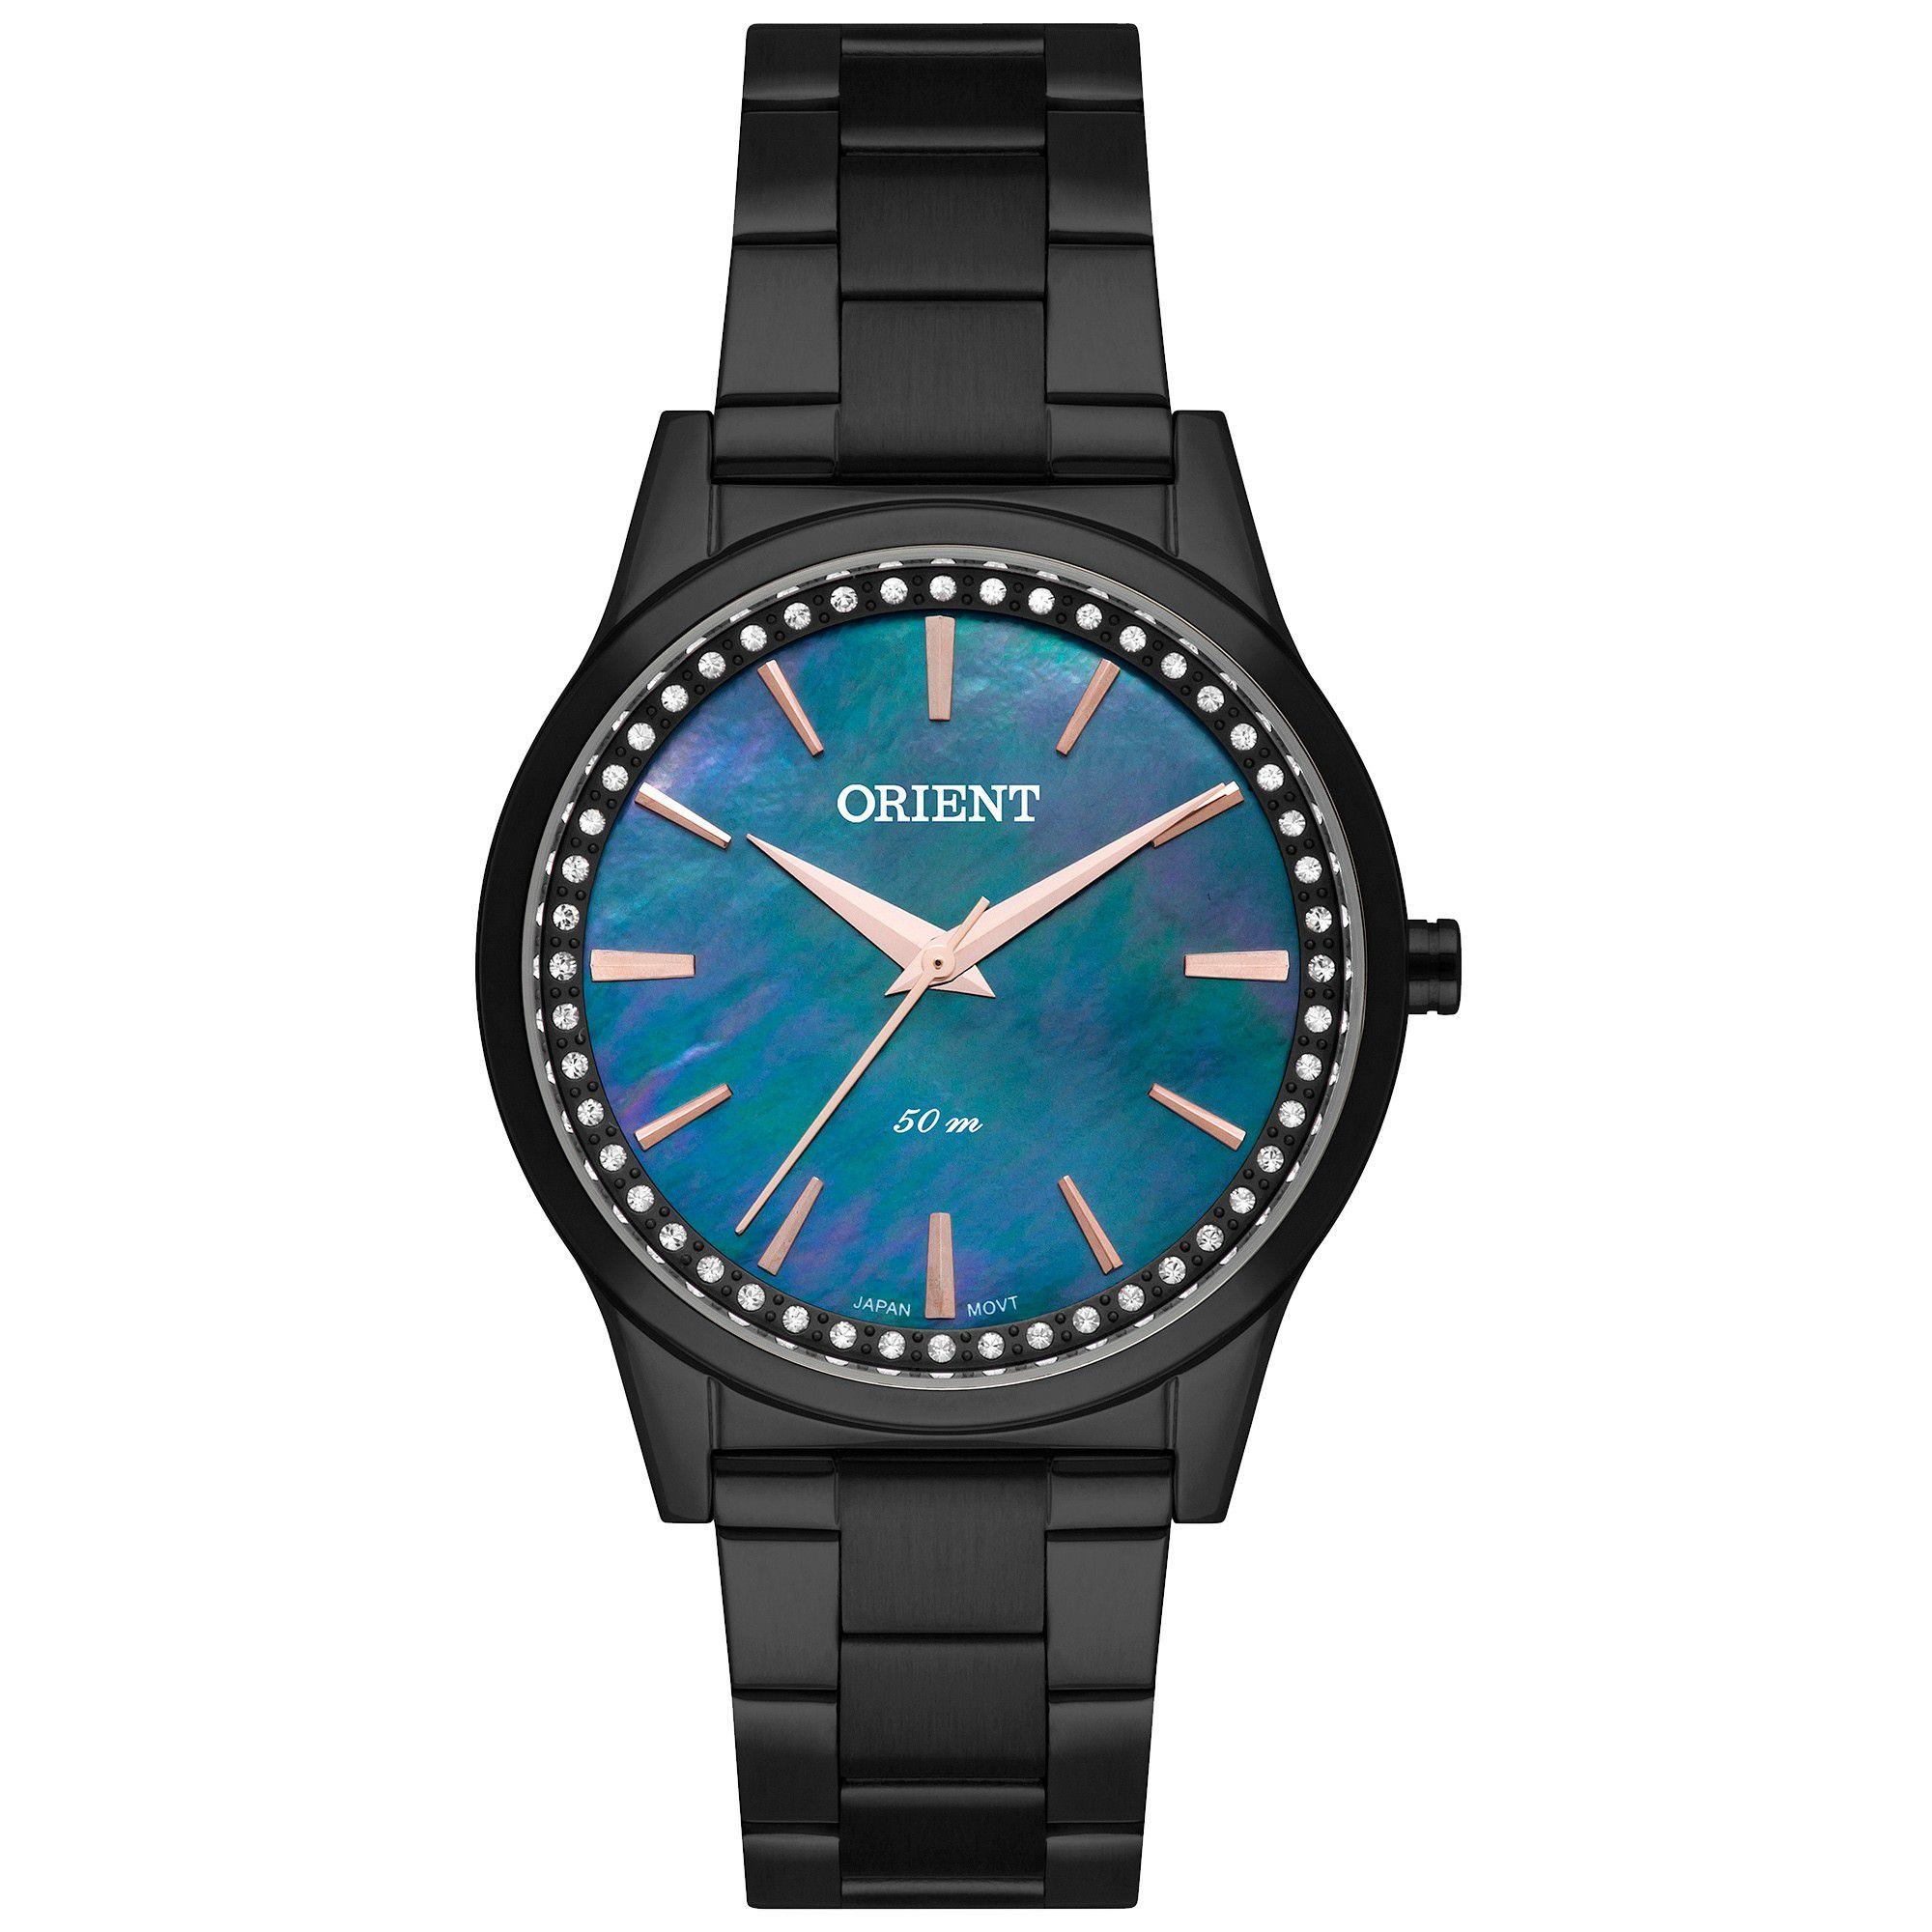 Relógio Feminino Orient FPSS0003 P1PX